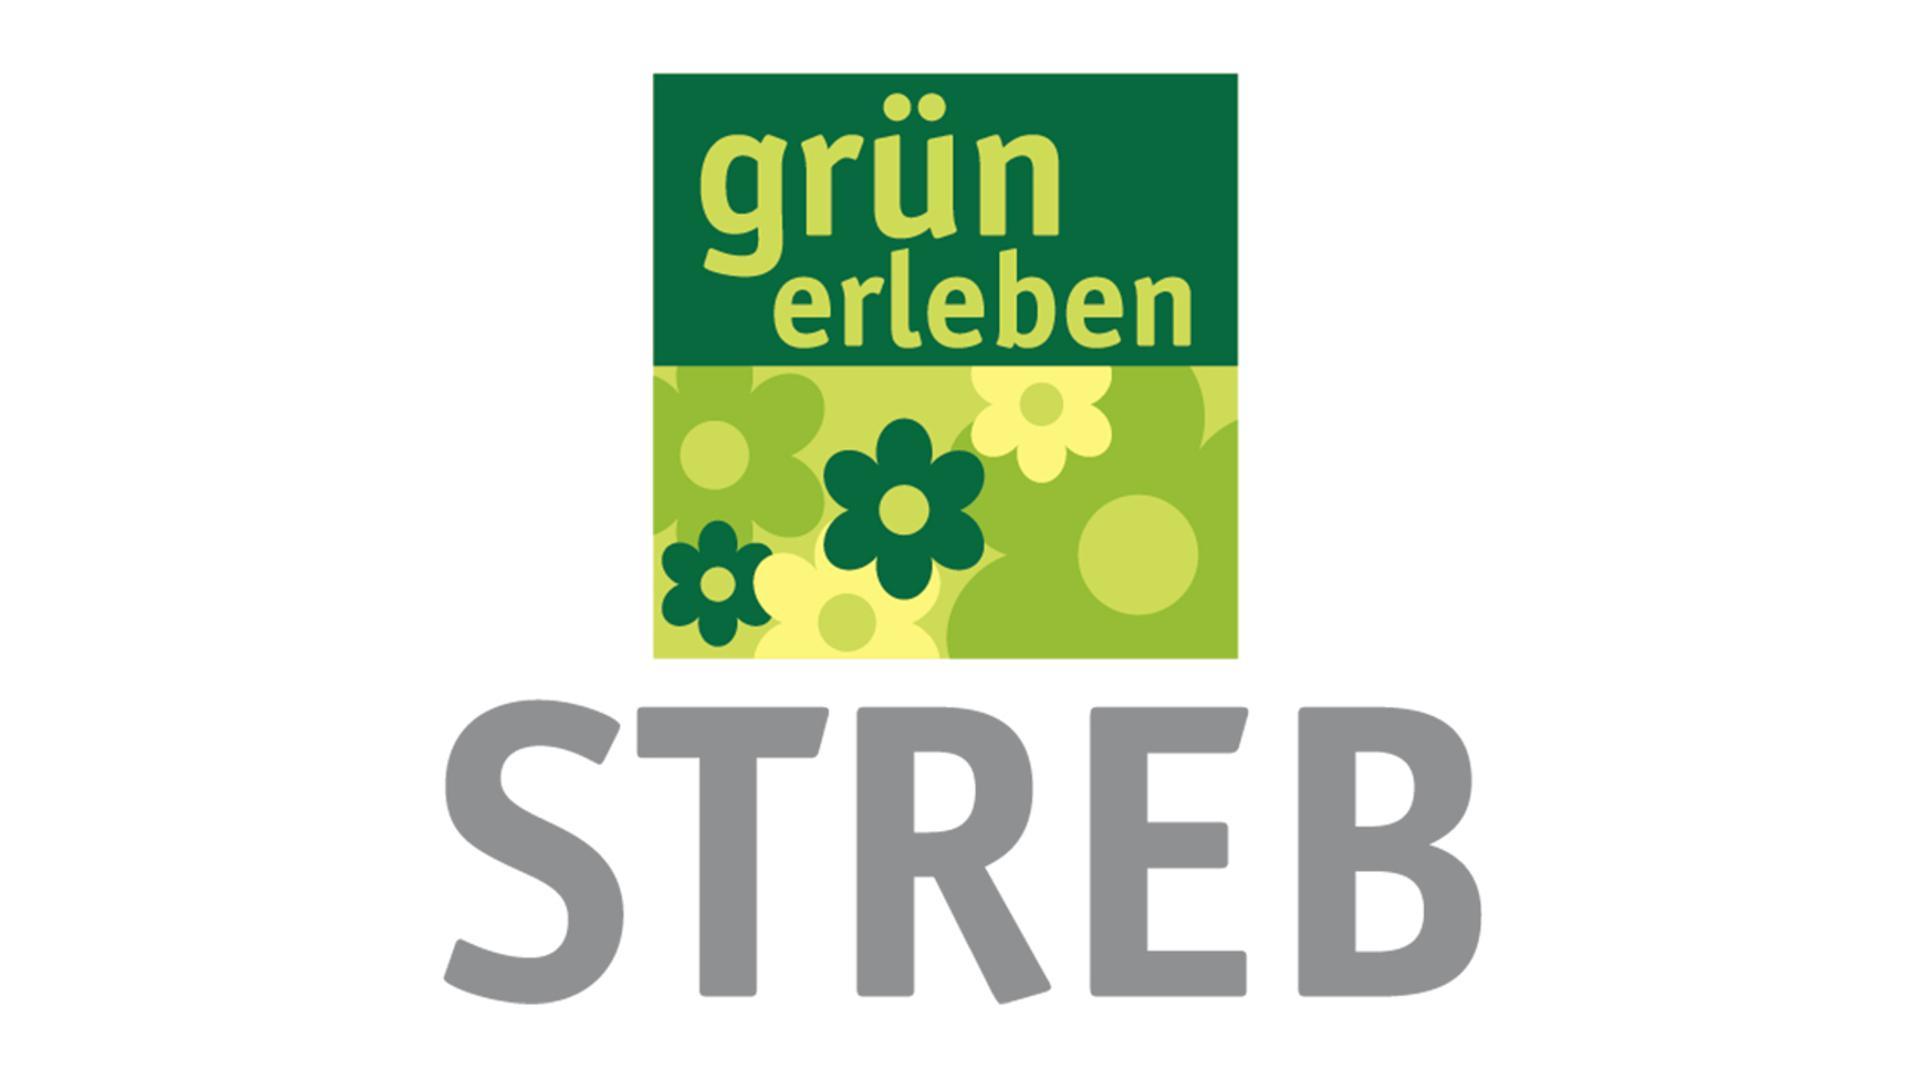 STREB: grün erleben